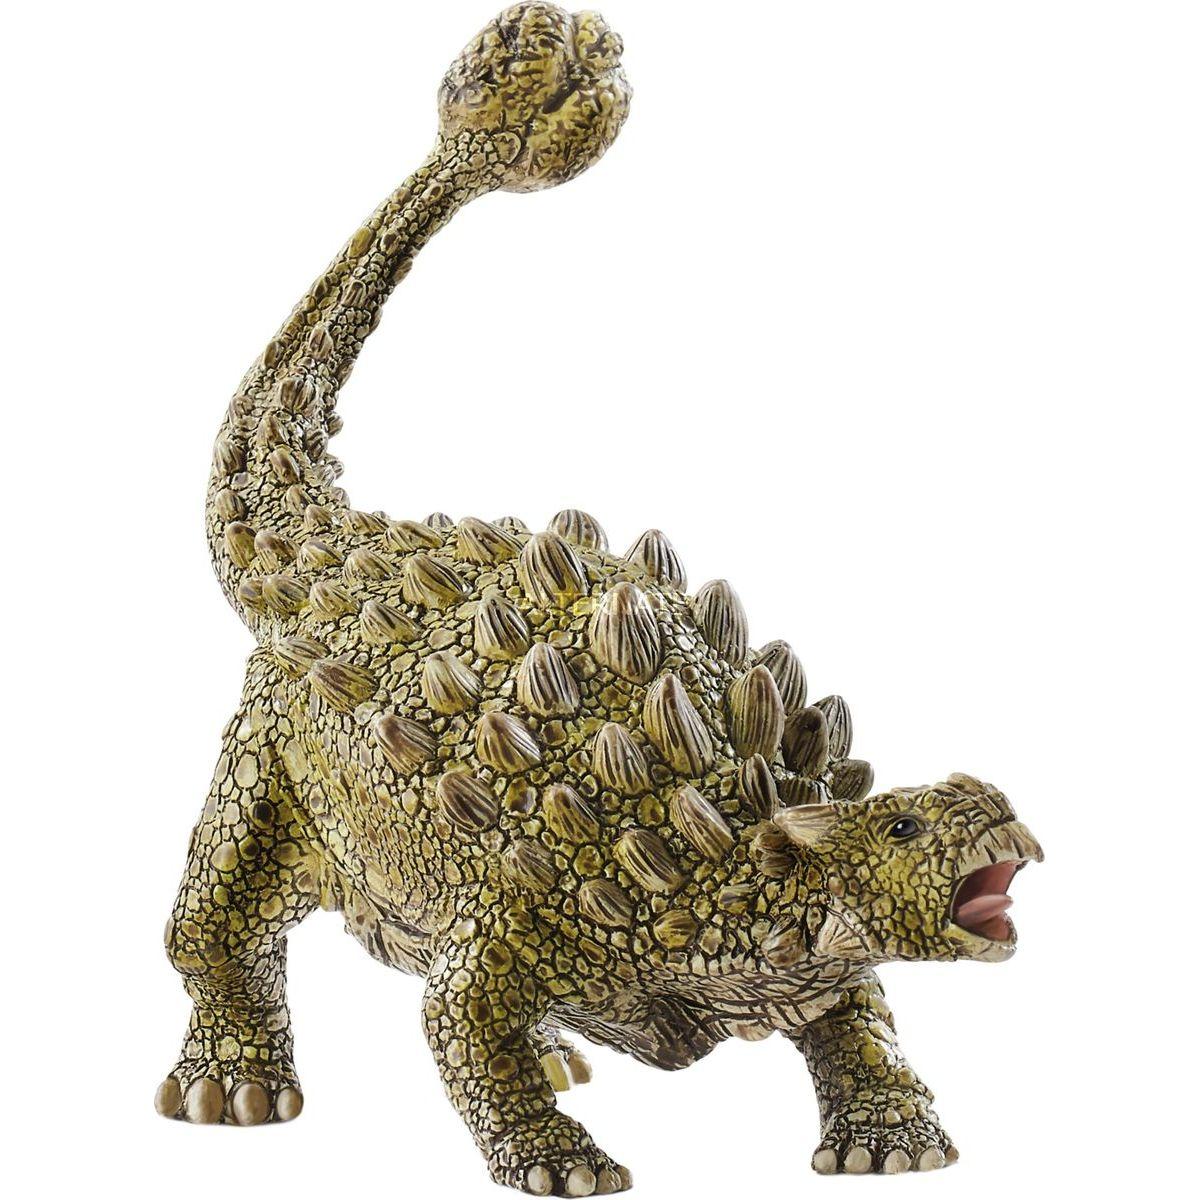 Schleich 15023 Prehistorické zvířátko Ankylosaurus